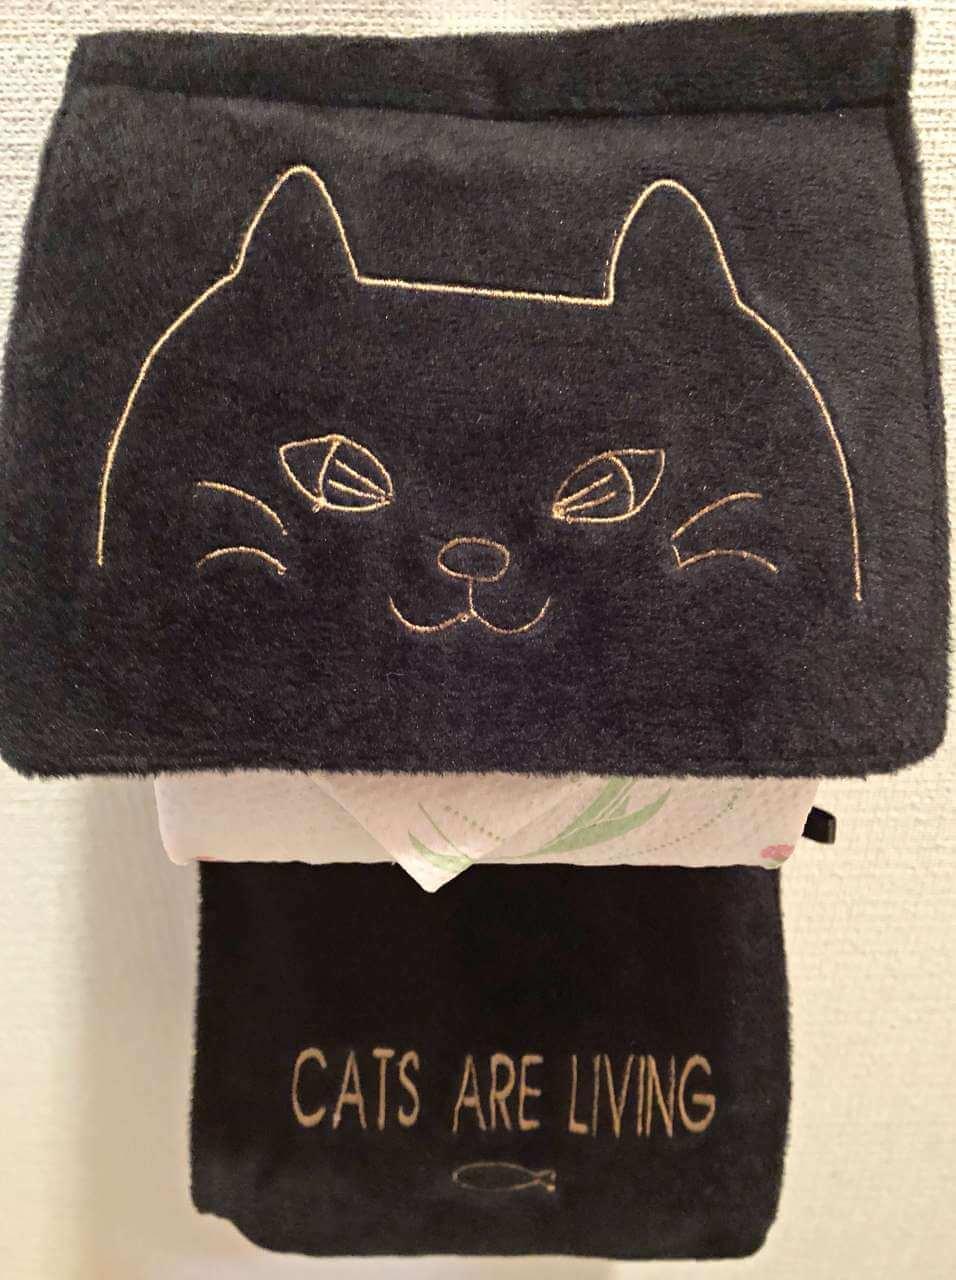 coucouで黒猫のペーパーカバーを見つけました。のブログ画像